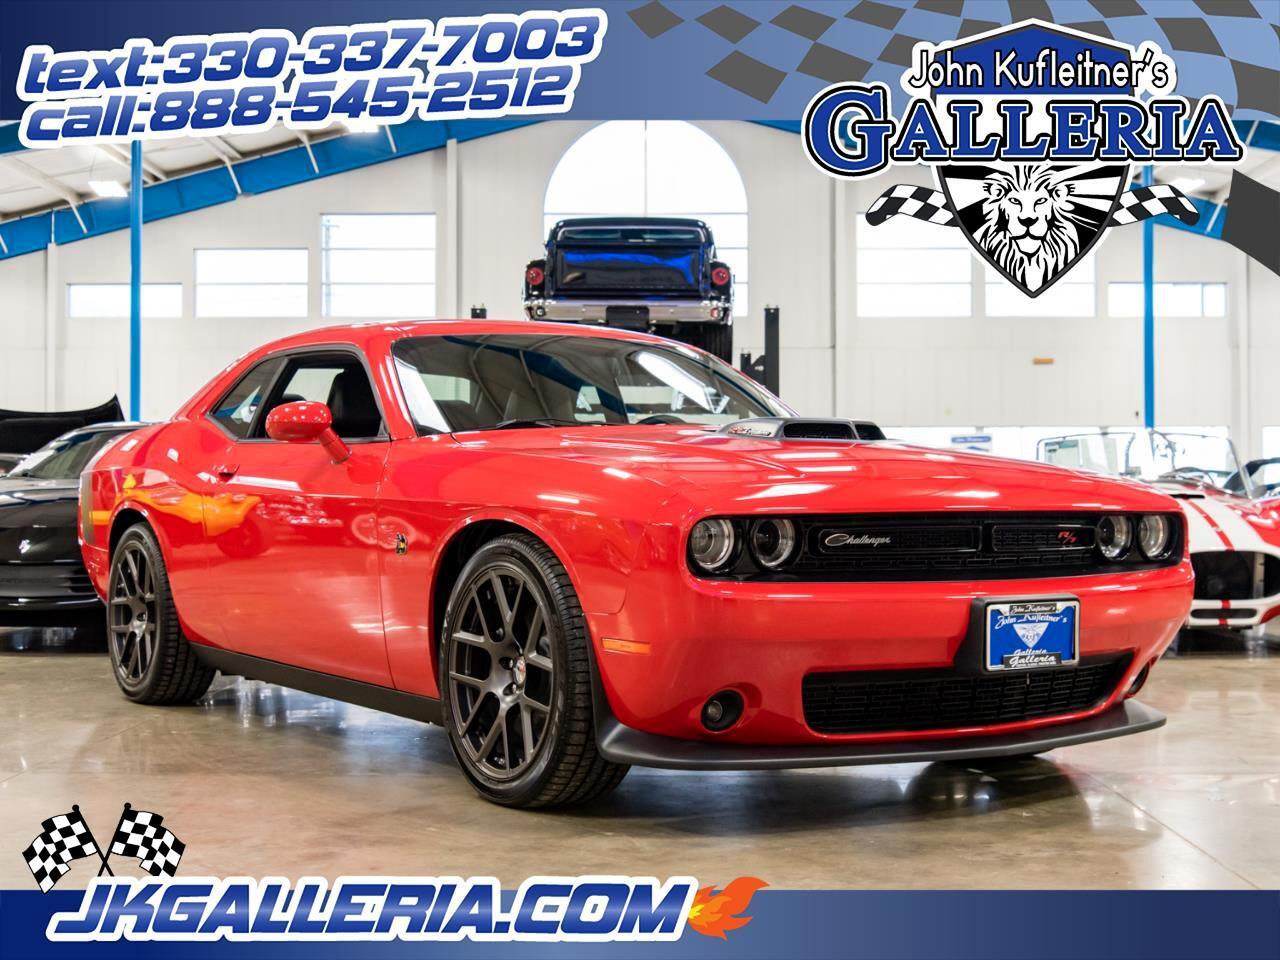 2016 Dodge Challenger 2dr Cpe 392 Hemi Scat Pack Shaker